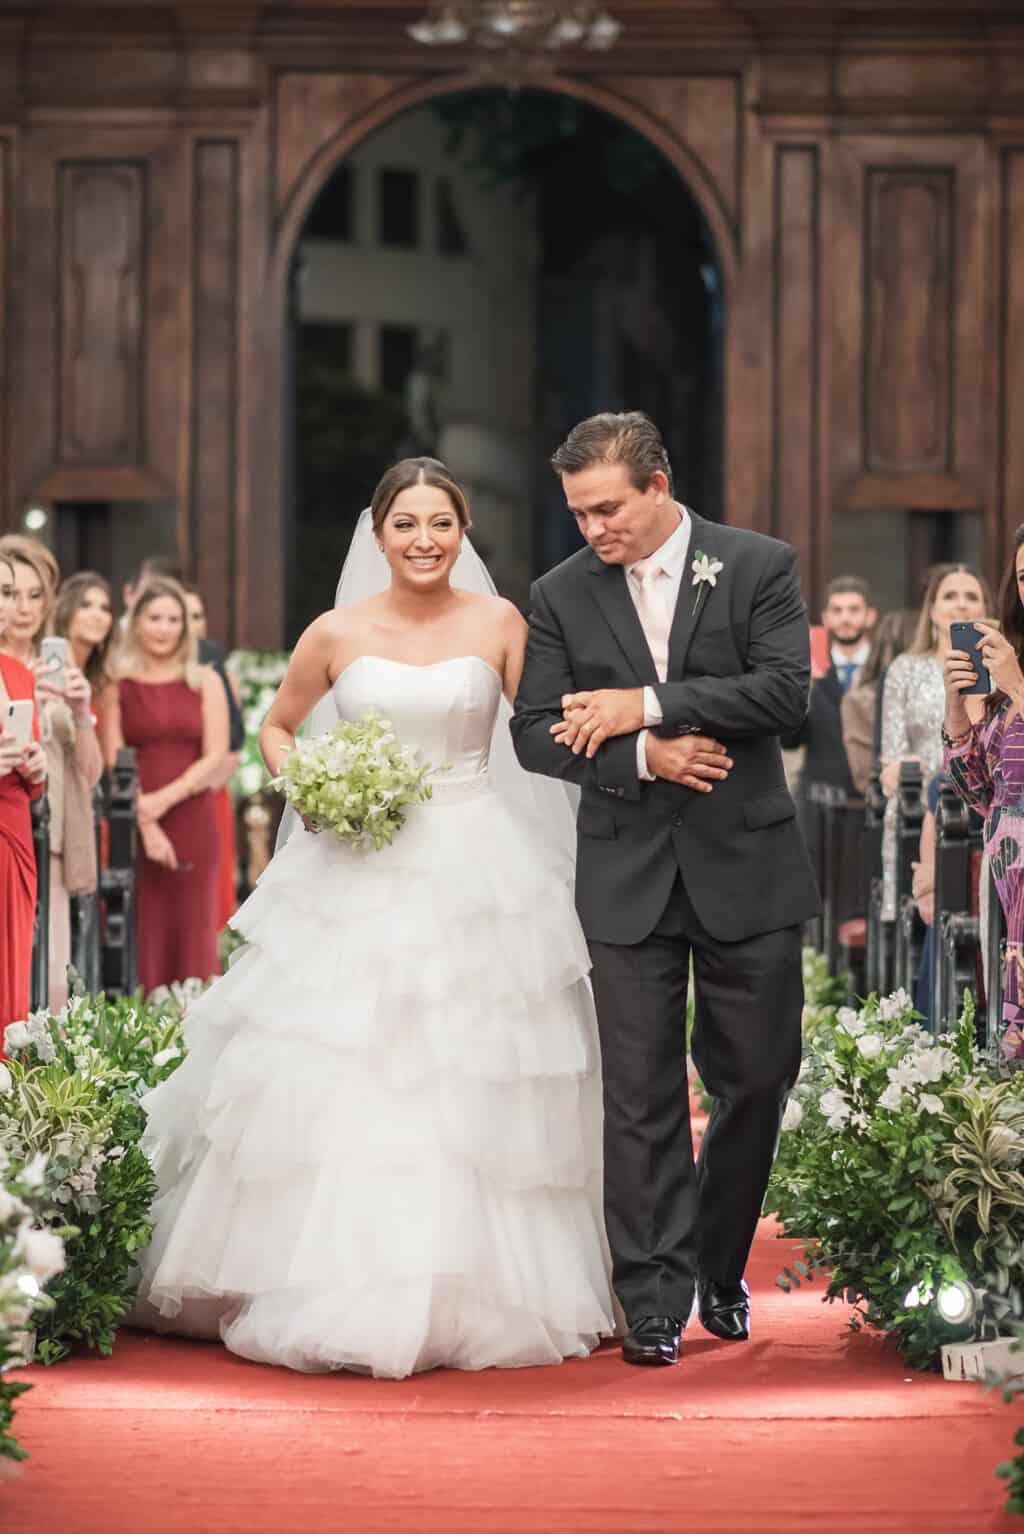 casamento-Karynna-e-Fernando-cerimonia-na-igreja-cerimonial-TCD-Eventos-fotografia-Marina-Fava-Igreja-São-Francisco-de-Paula45